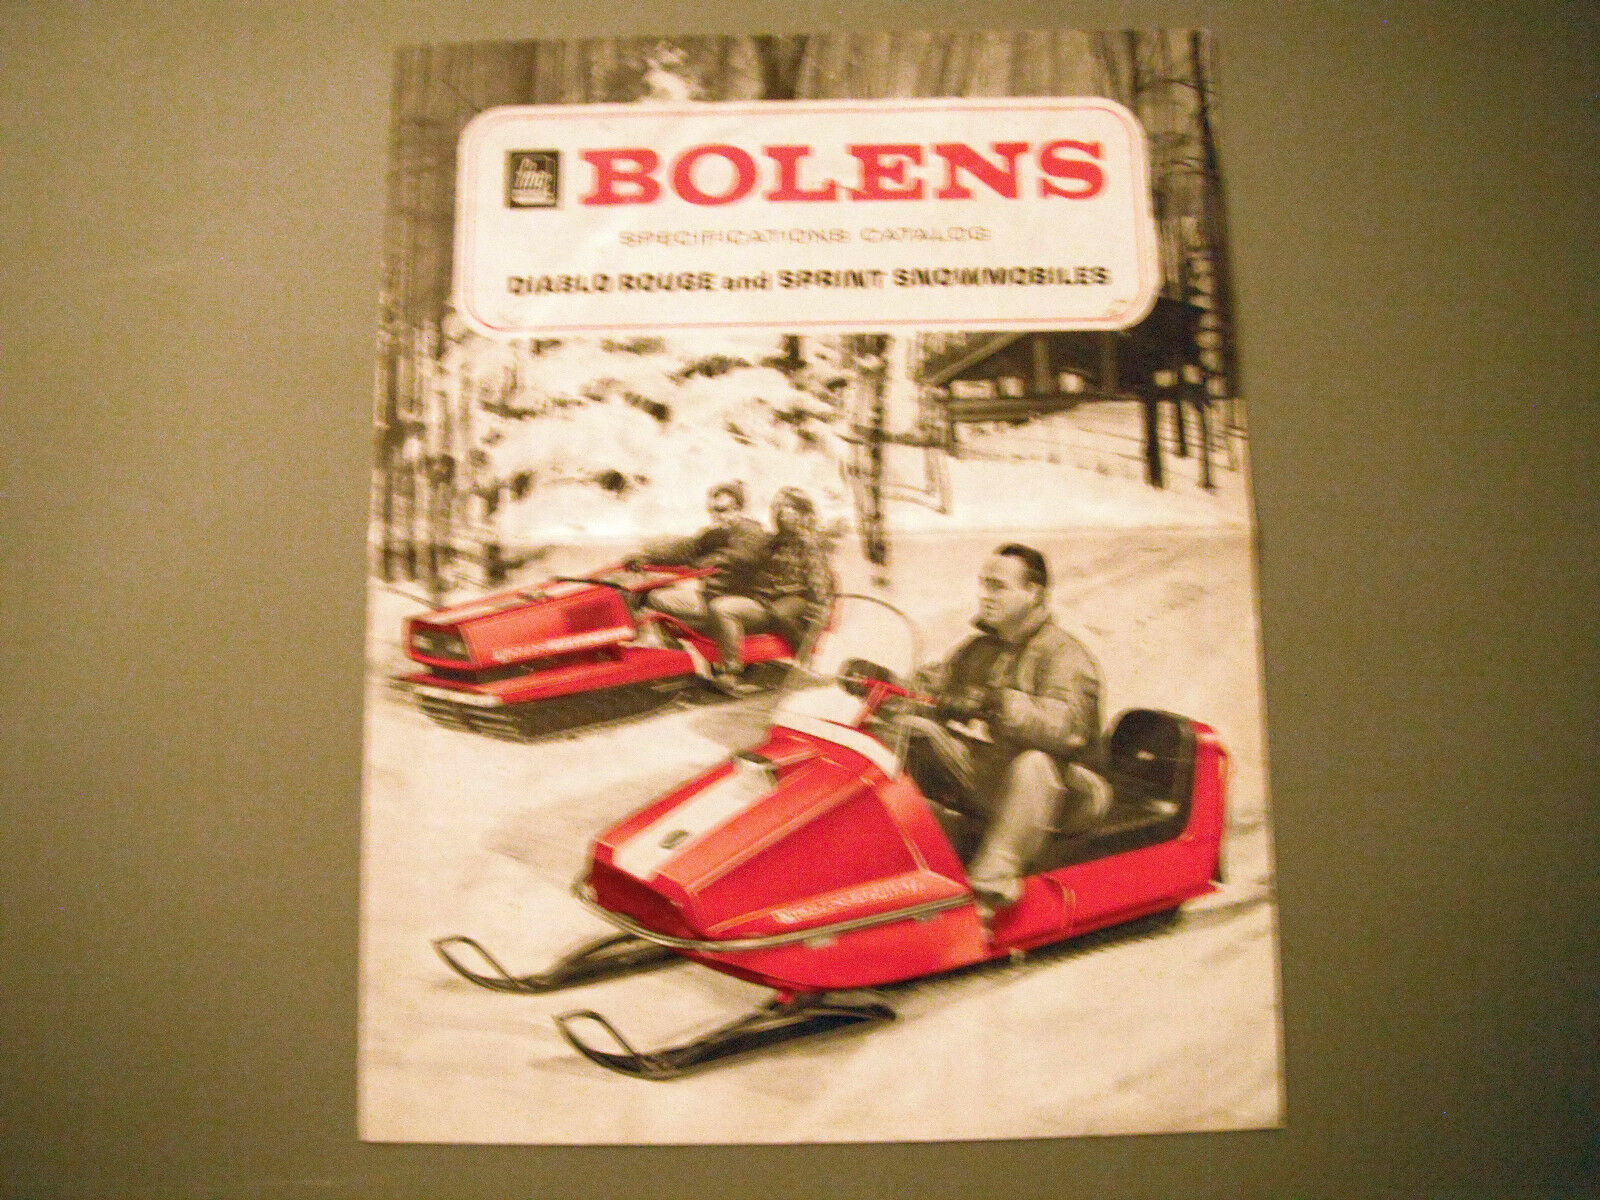 Vintage Bolens Diablo red & Sprint Snowmobiles Brochure